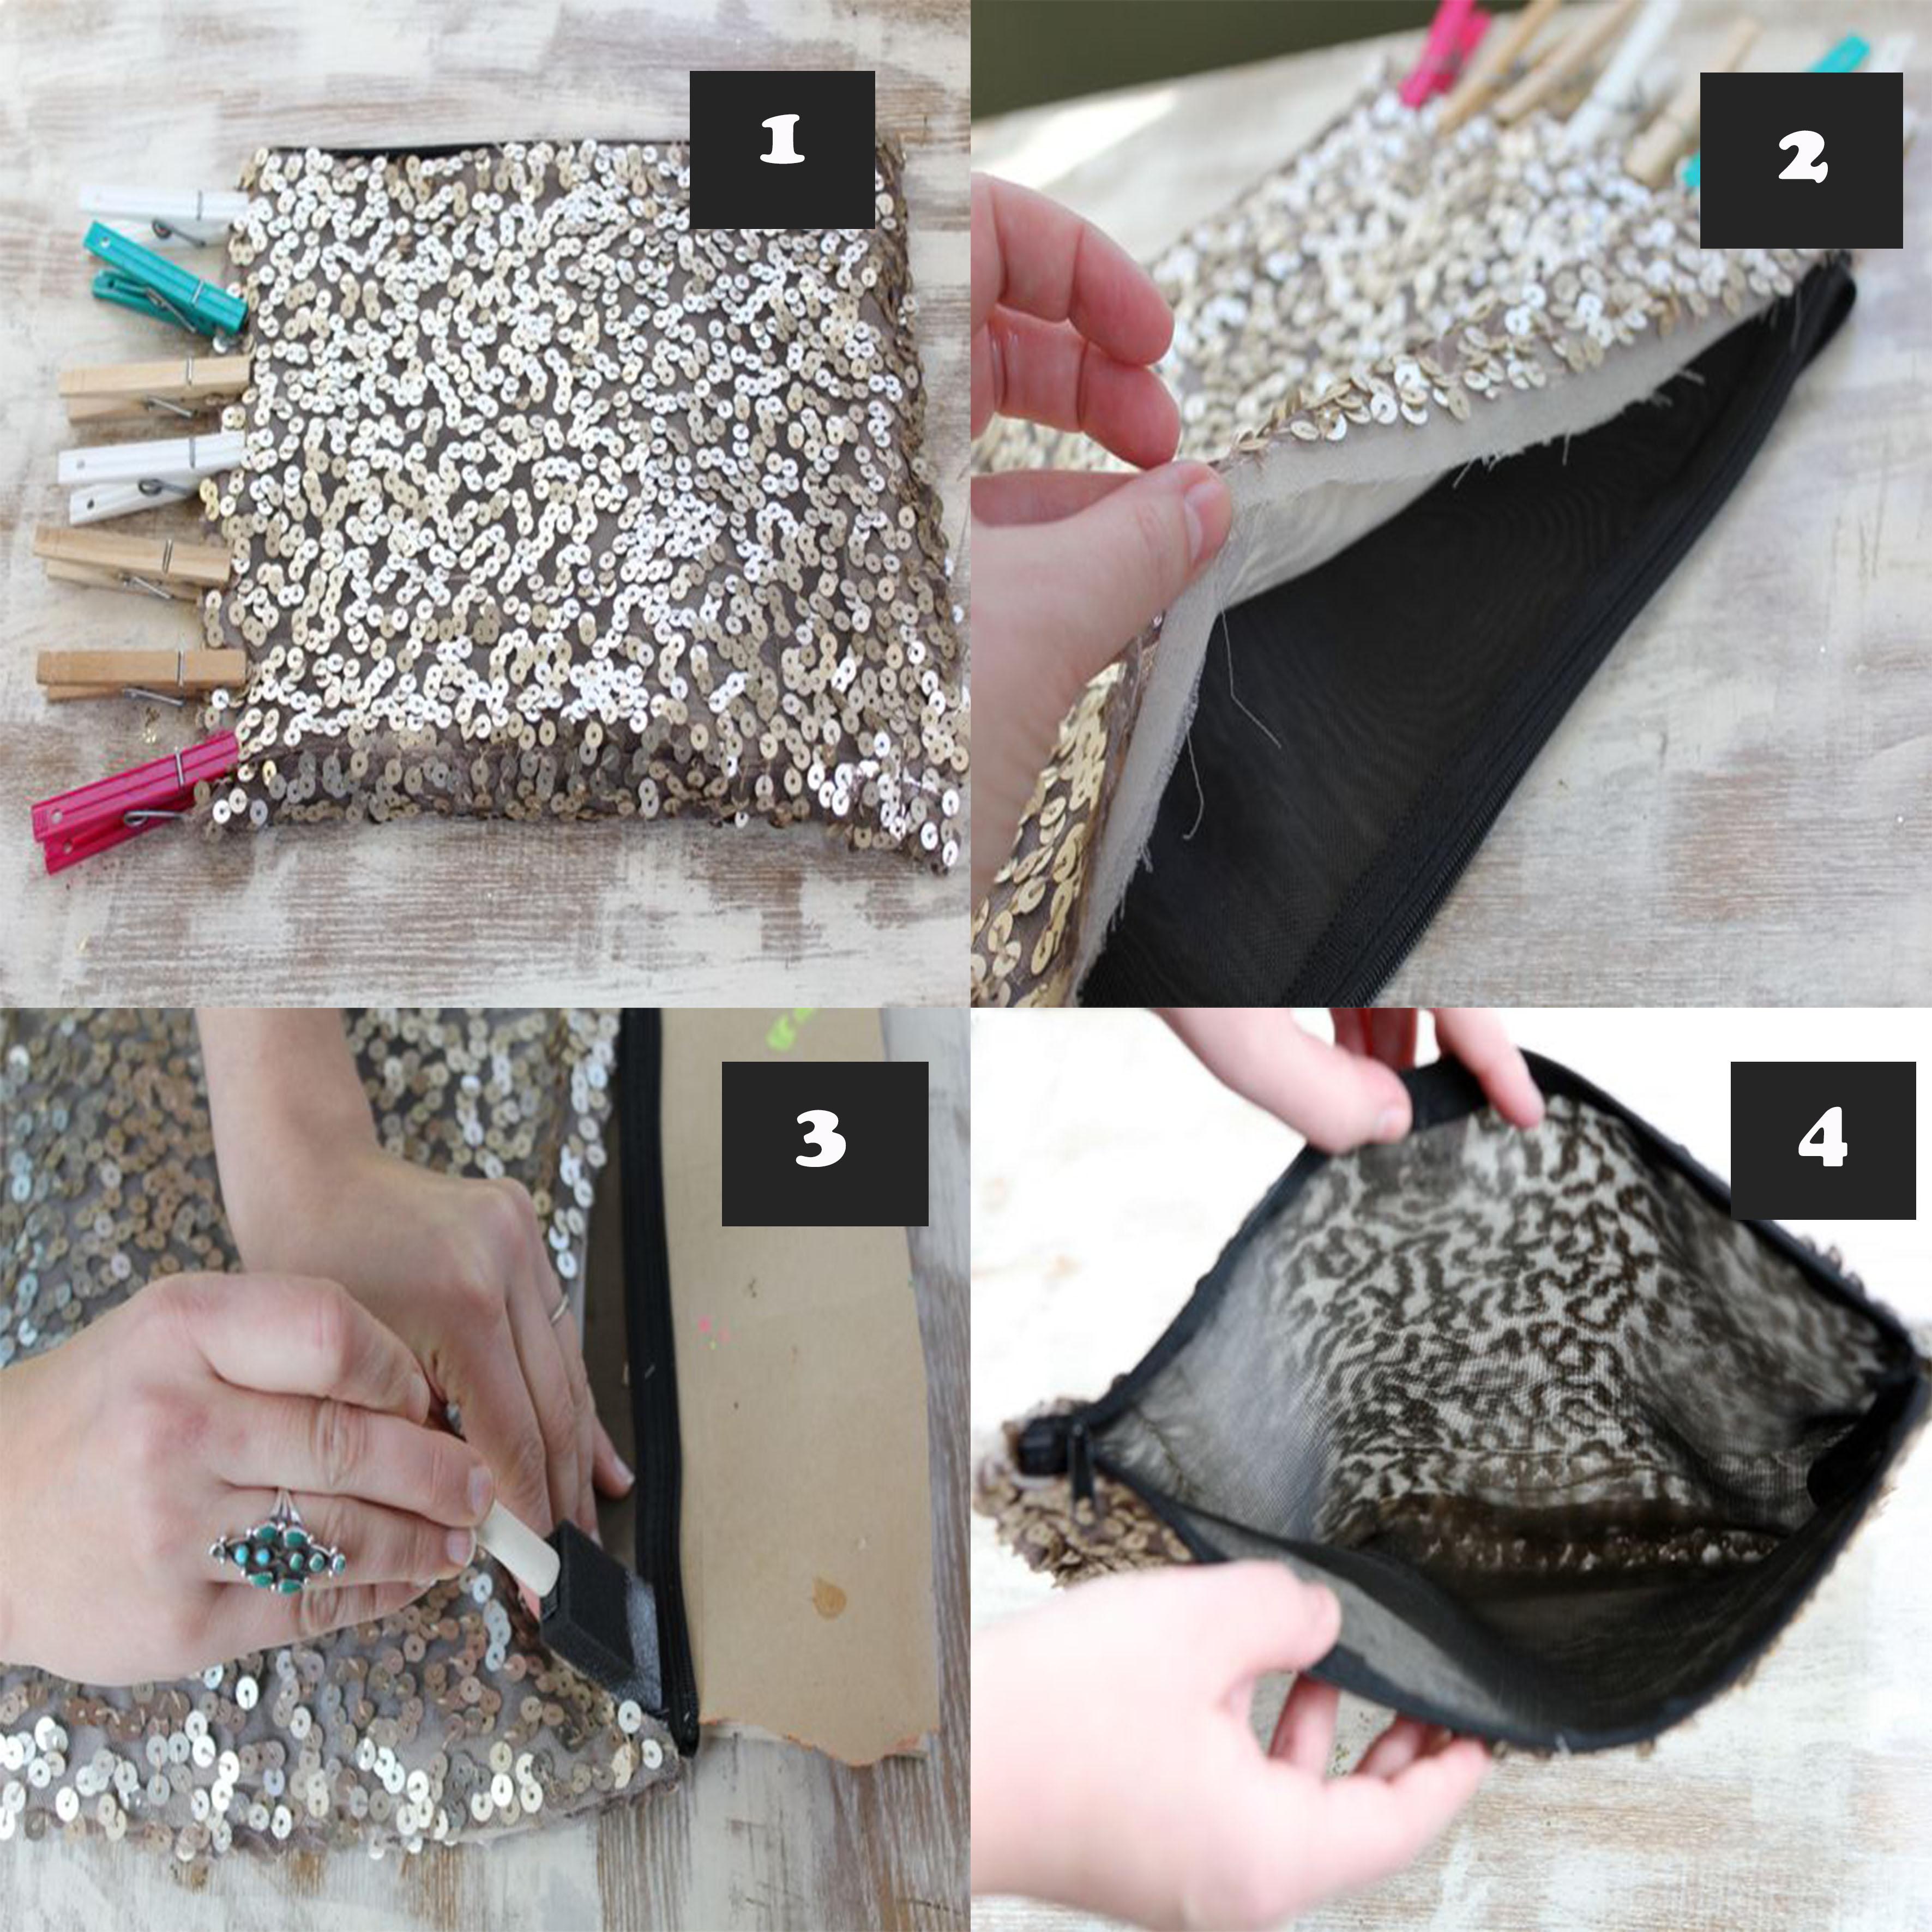 Bolsa De Tecido Passo A Passo Como Fazer : Bolsa de paet? material e como fazer